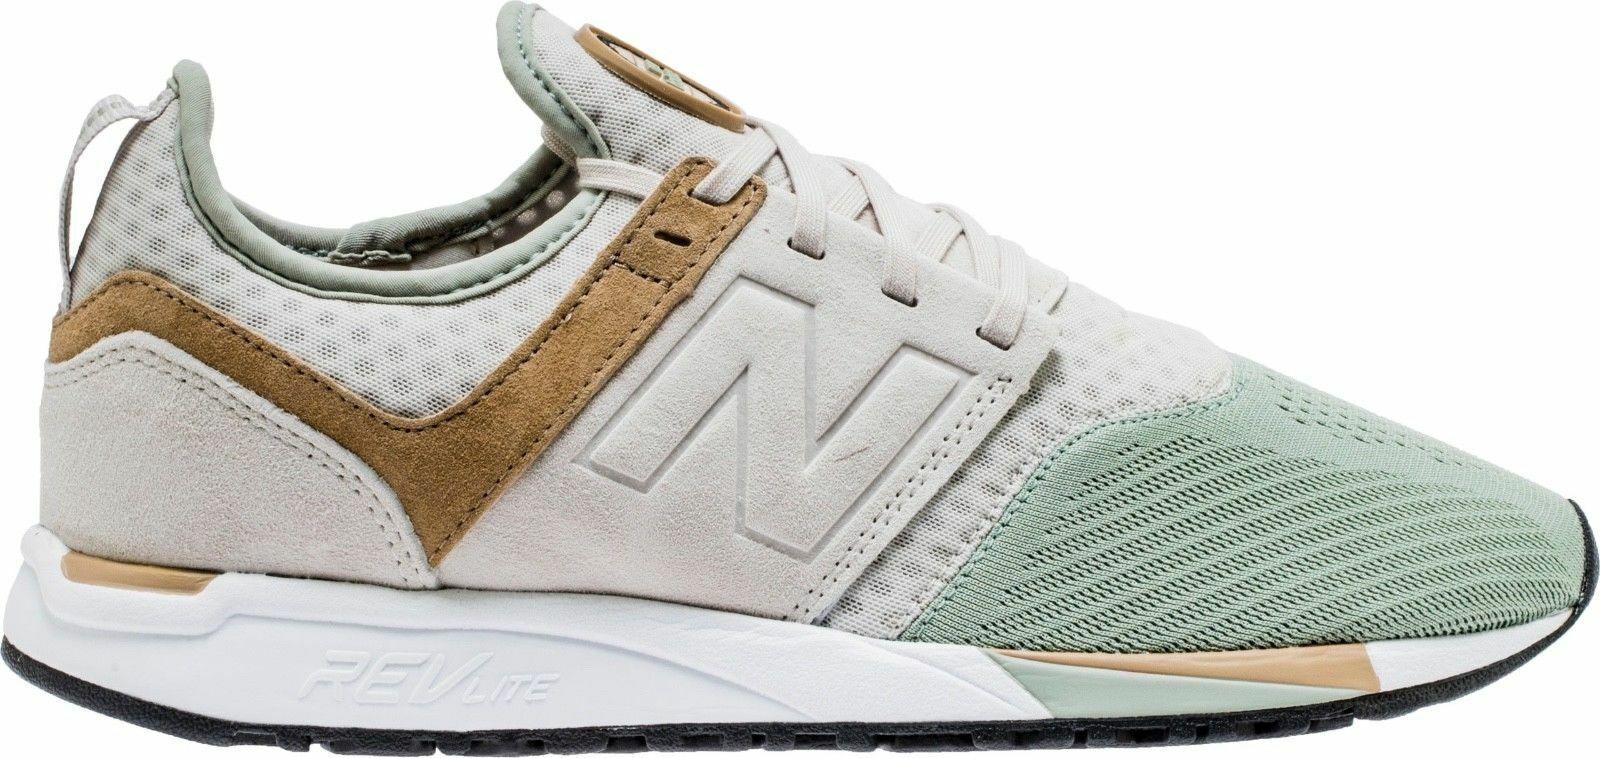 NEW Men's New Balance 247 Mode De Vie shoes Sneakers Size  9